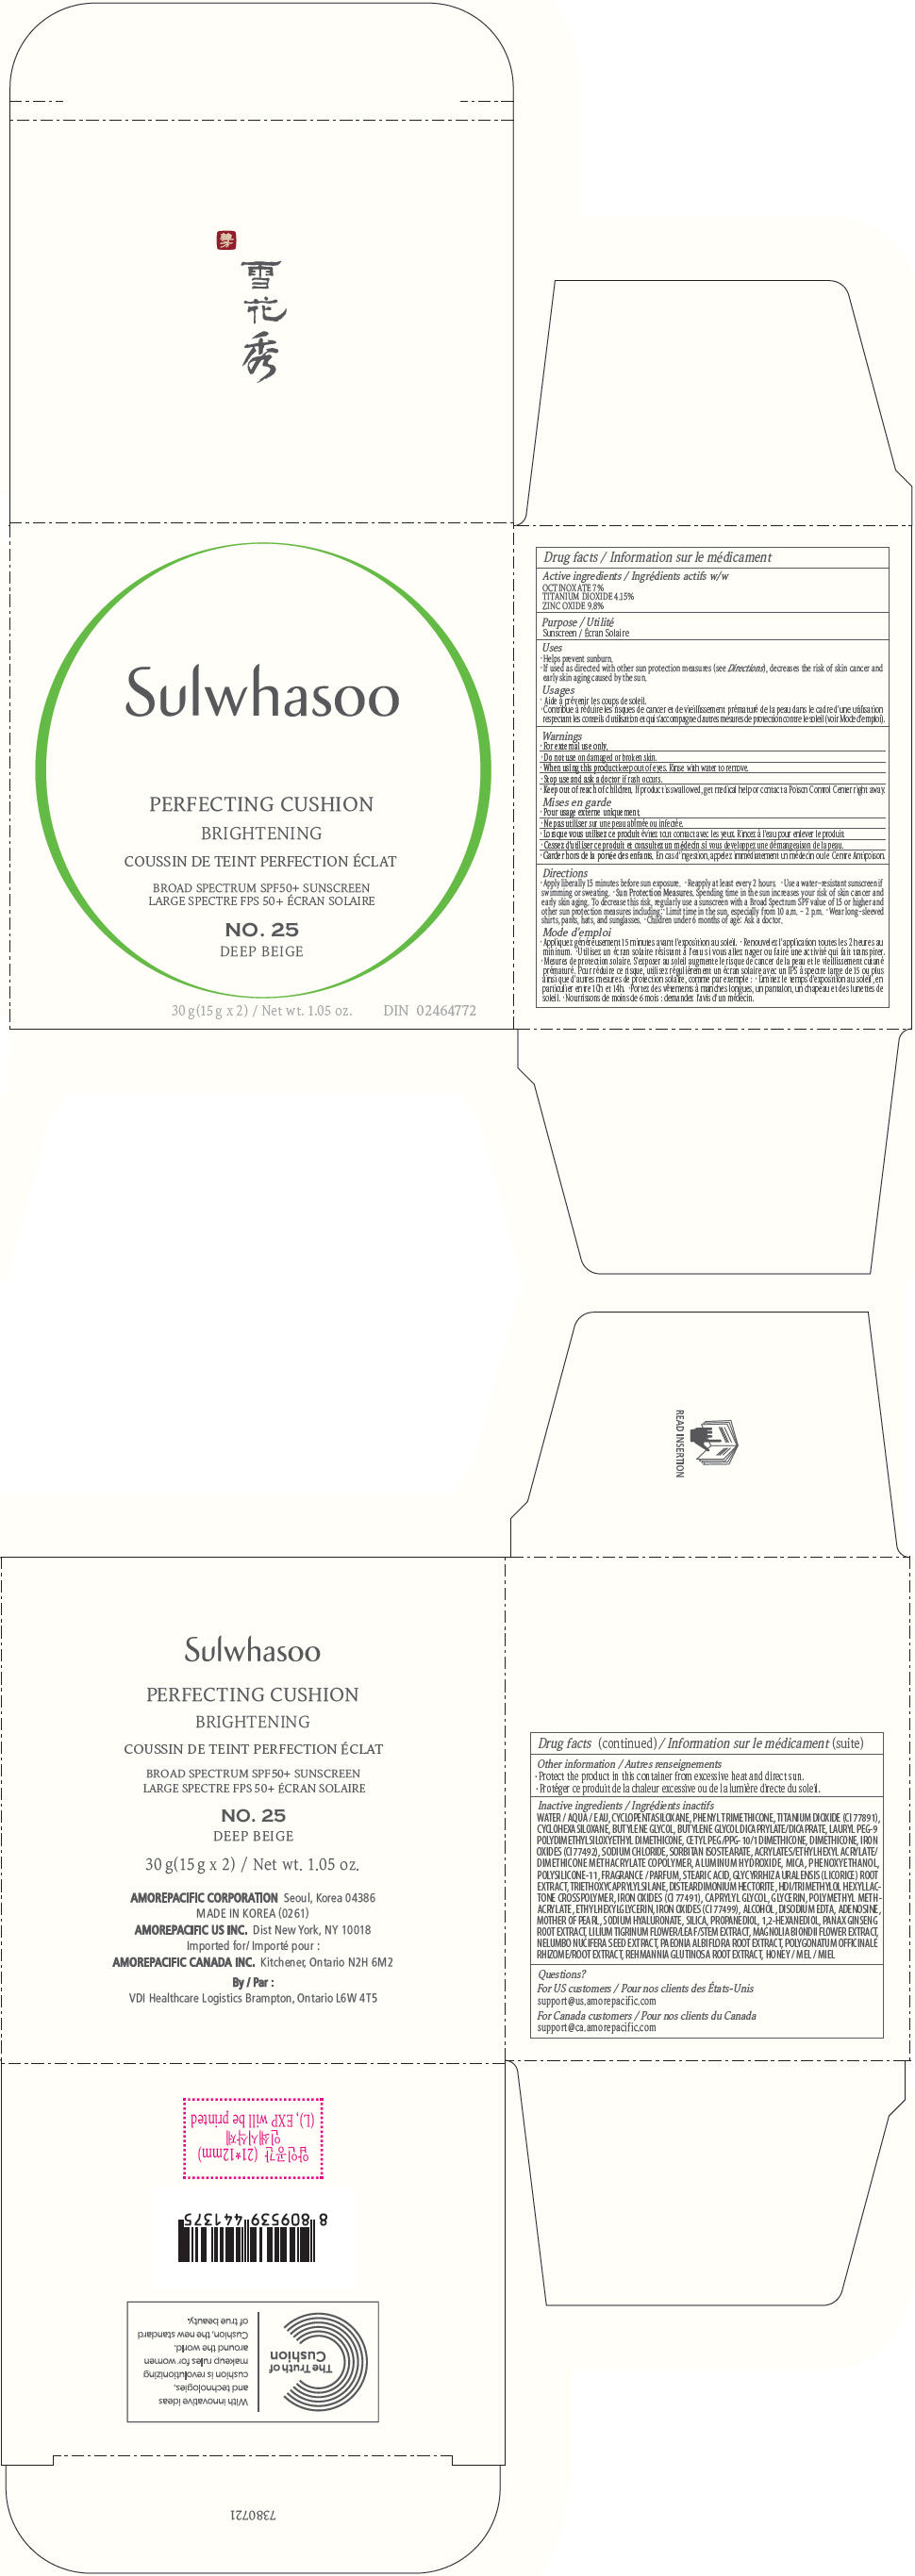 PRINCIPAL DISPLAY PANEL - 30 g Container Carton - NO. 25 DEEP BEIGE